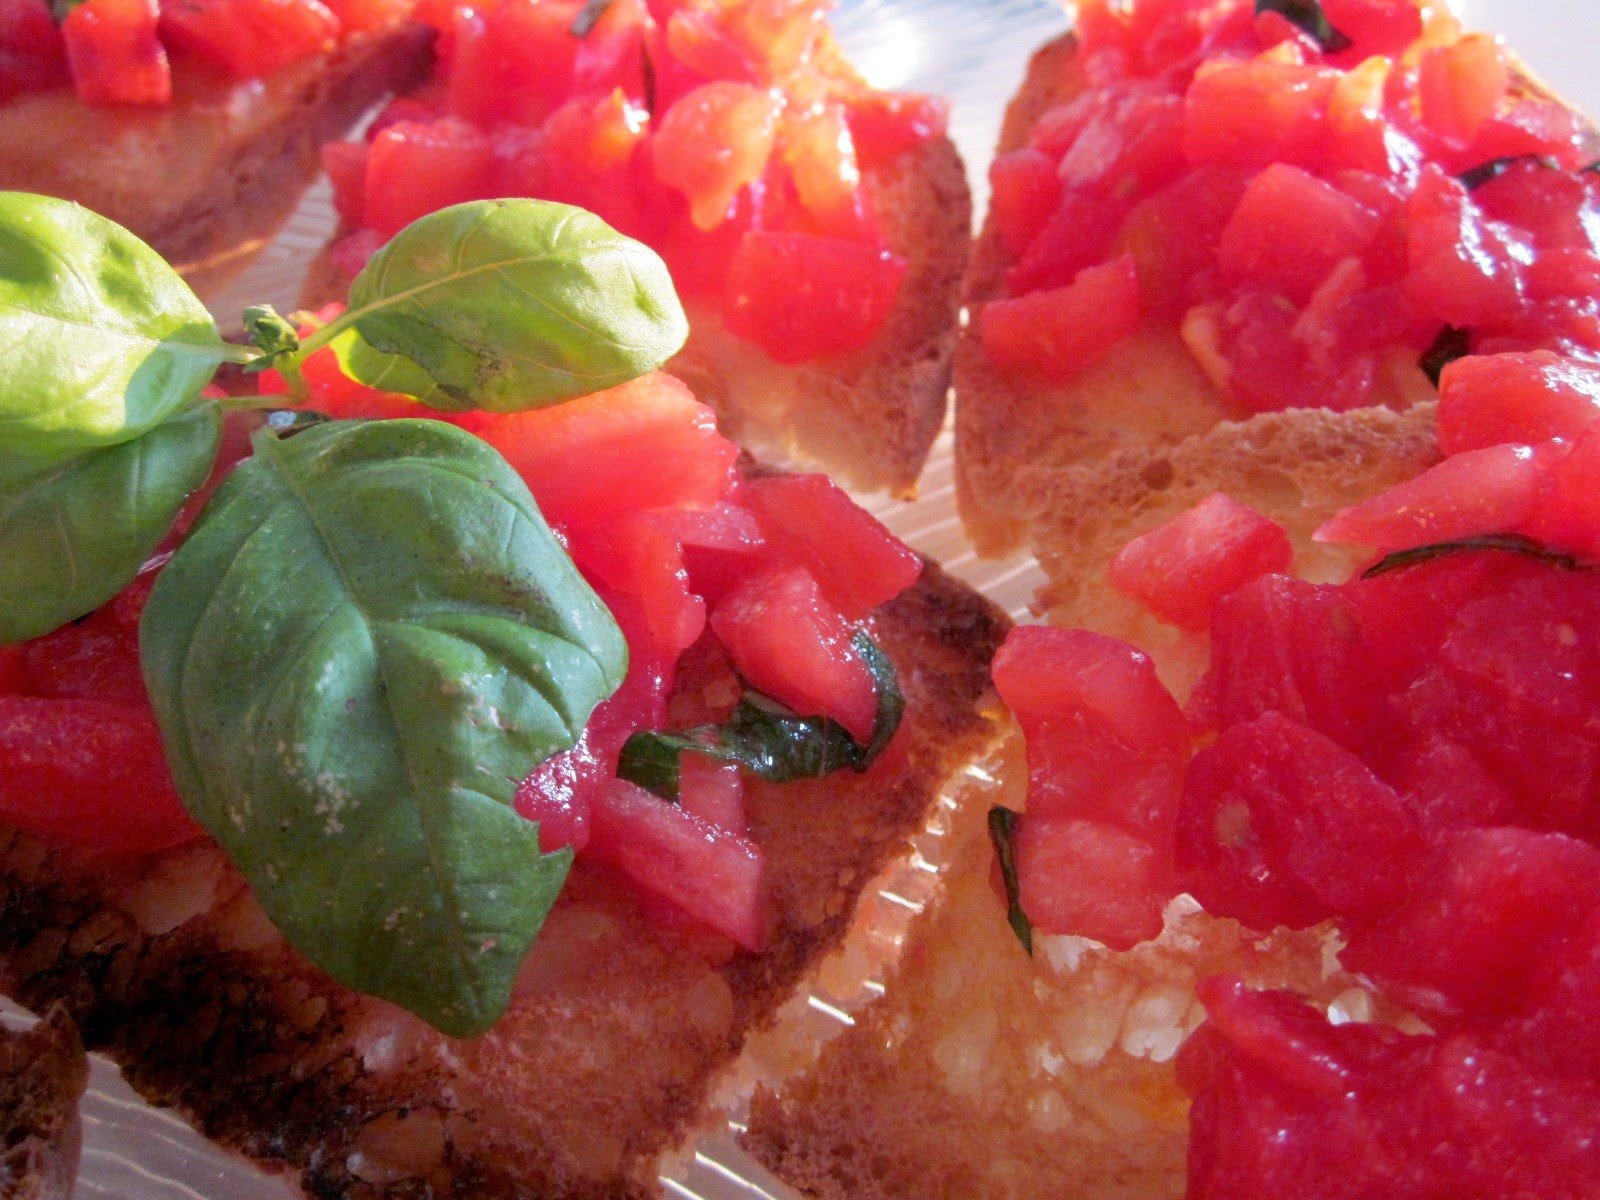 bruschette con pomodori e basilico